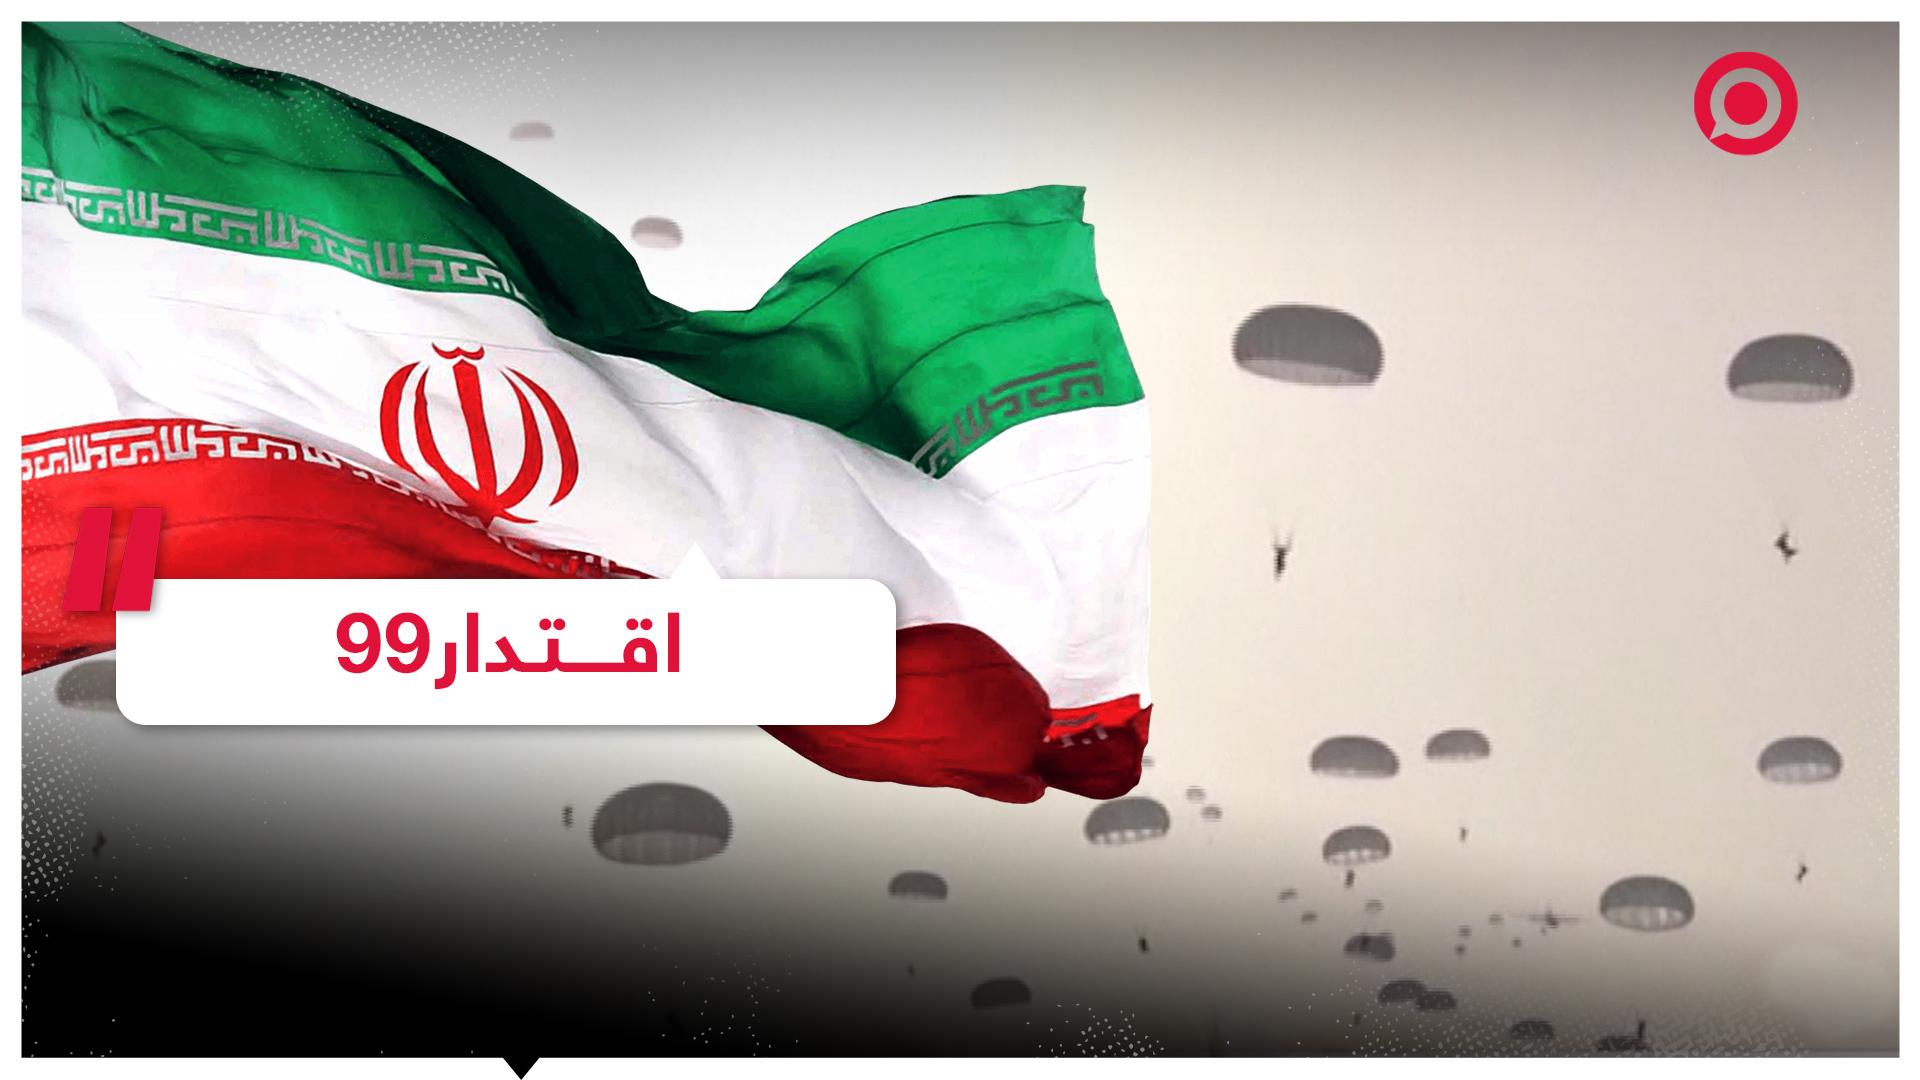 إيران - إسرائيل - بي 52 - تدريبات عسكرية